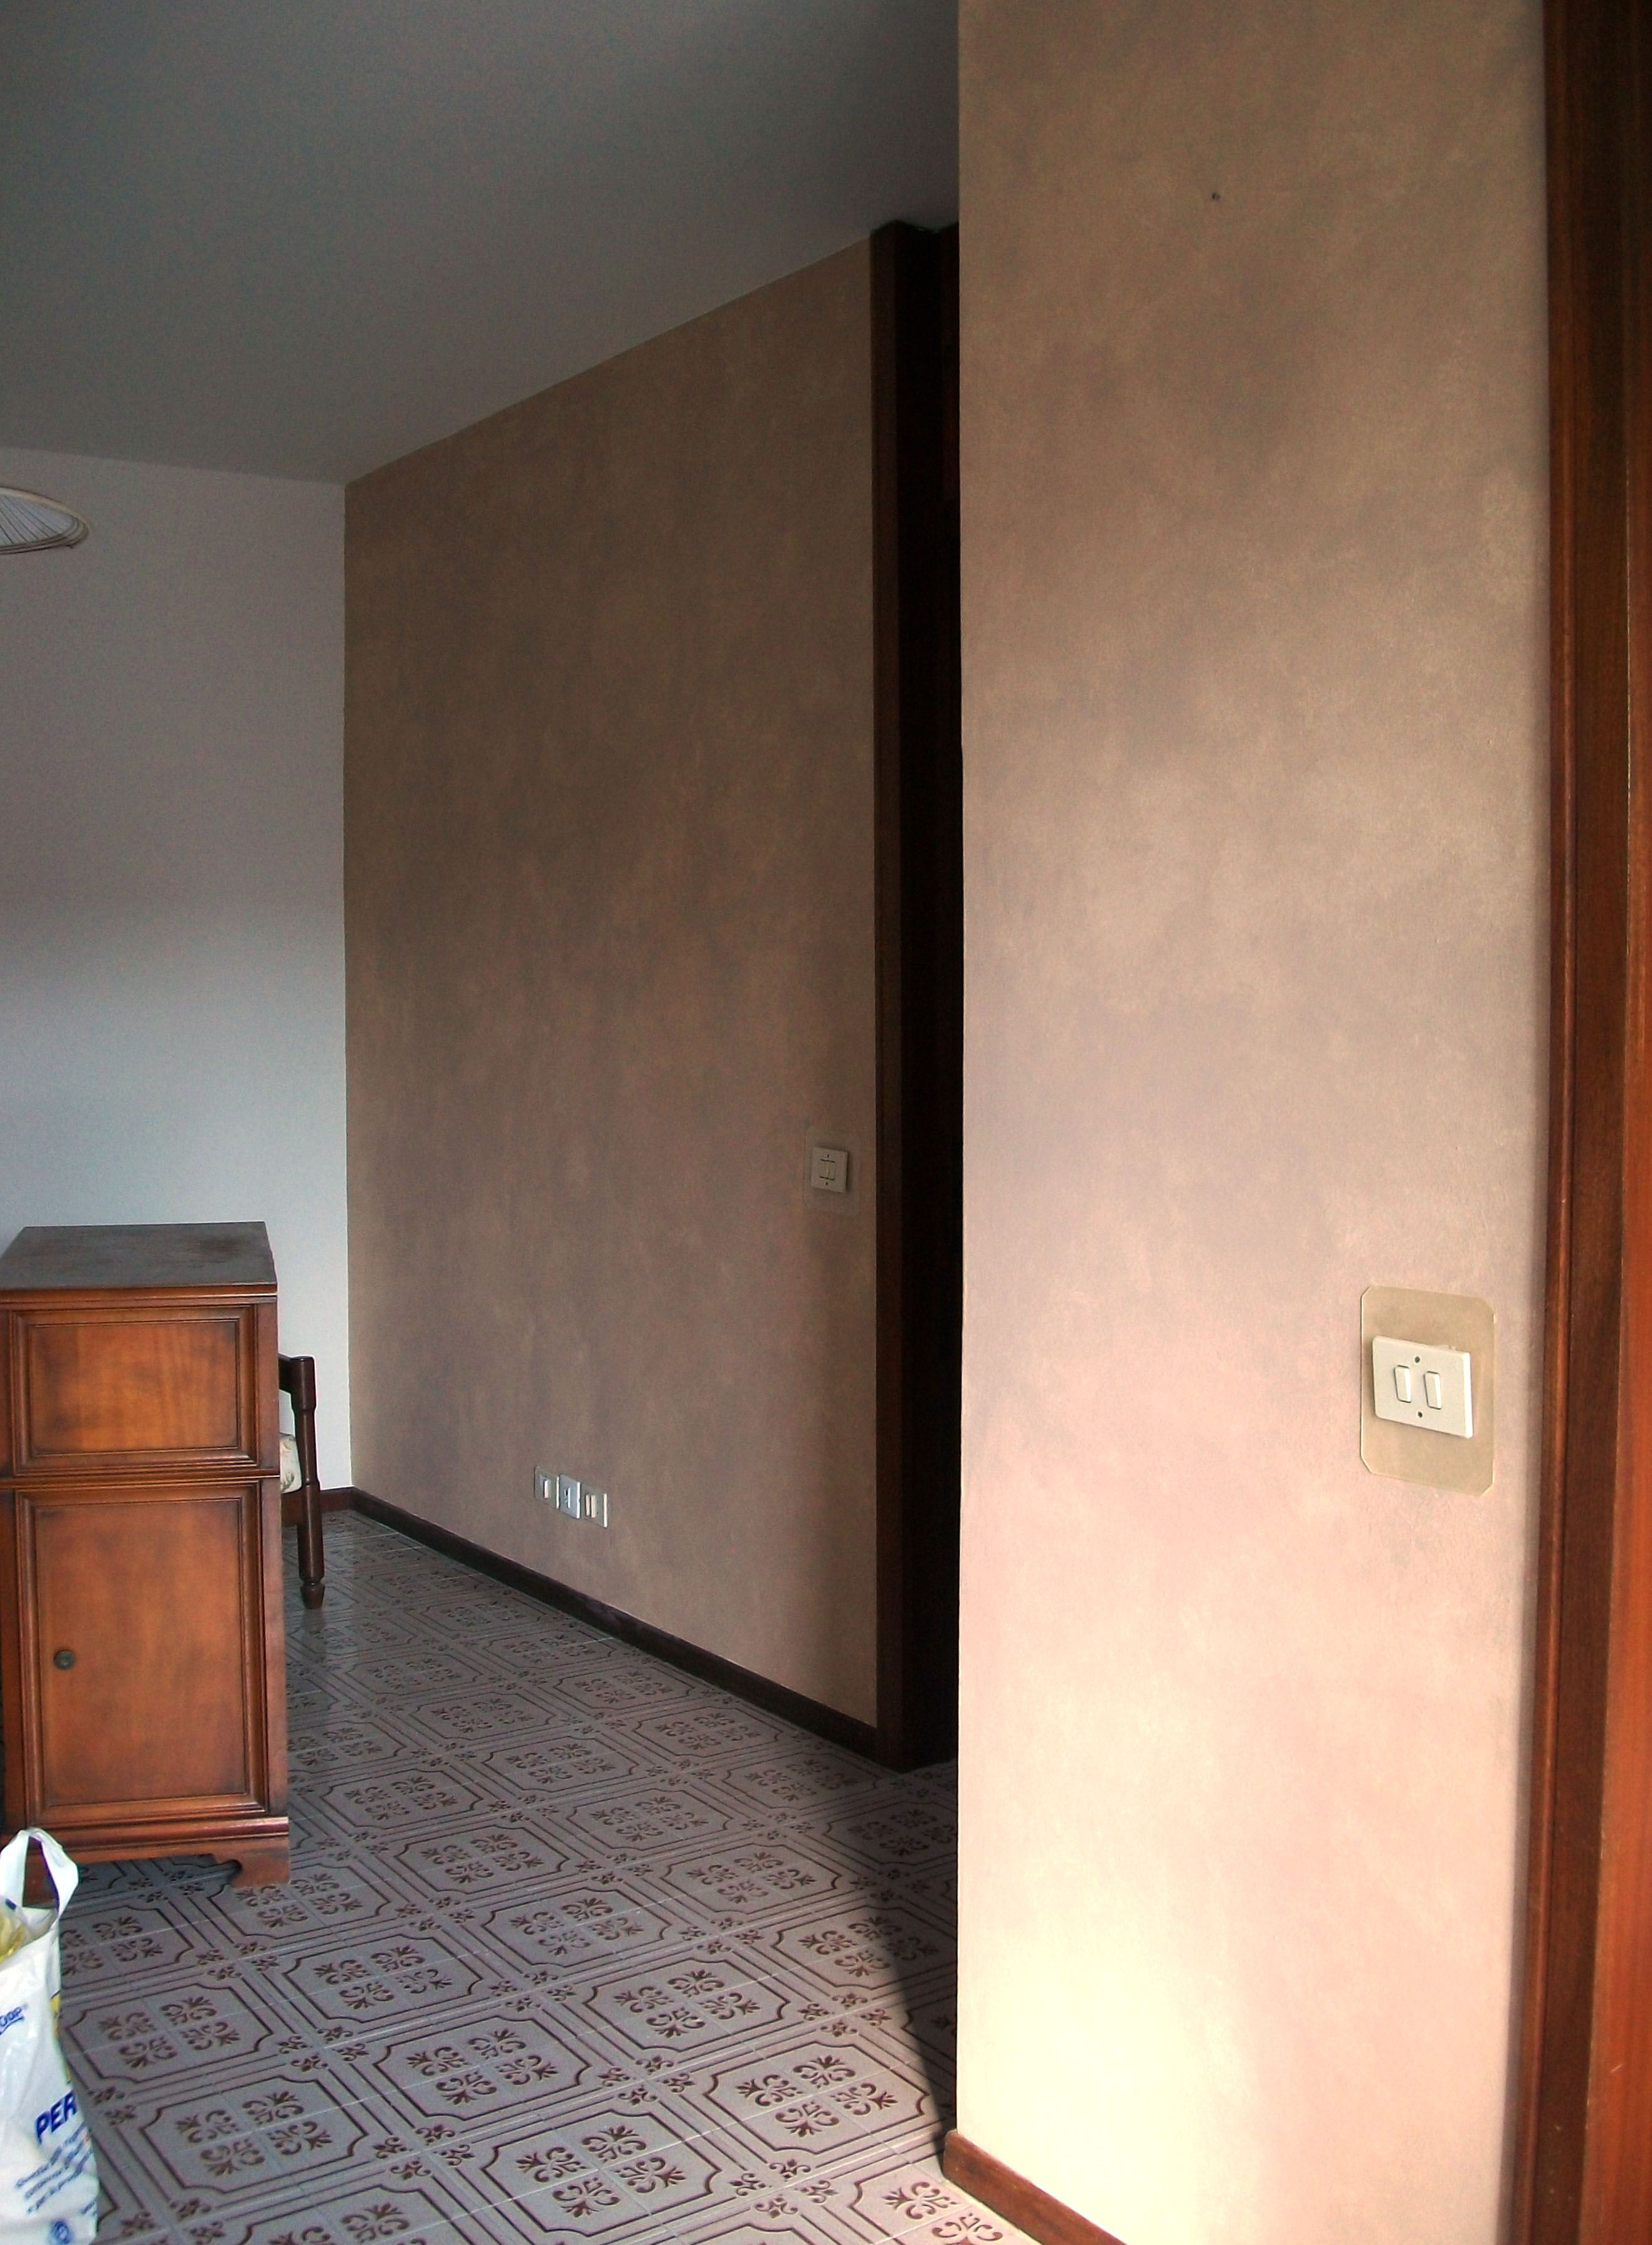 Decorazione Parete Soggiorno : Parete nord soggiorno decorazione effetto spugnato